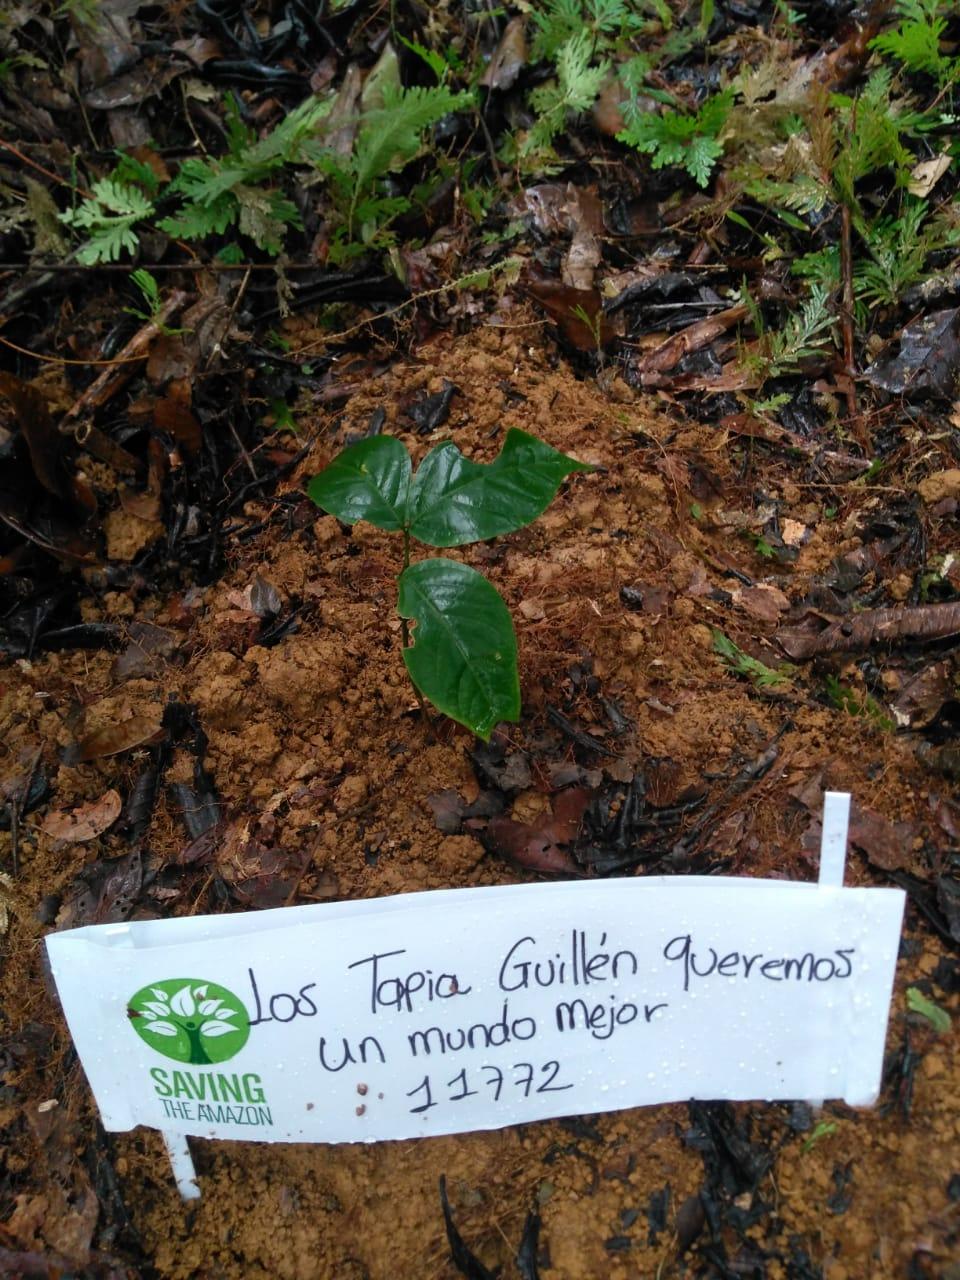 Liliana Guadalupe Tapia Guillen